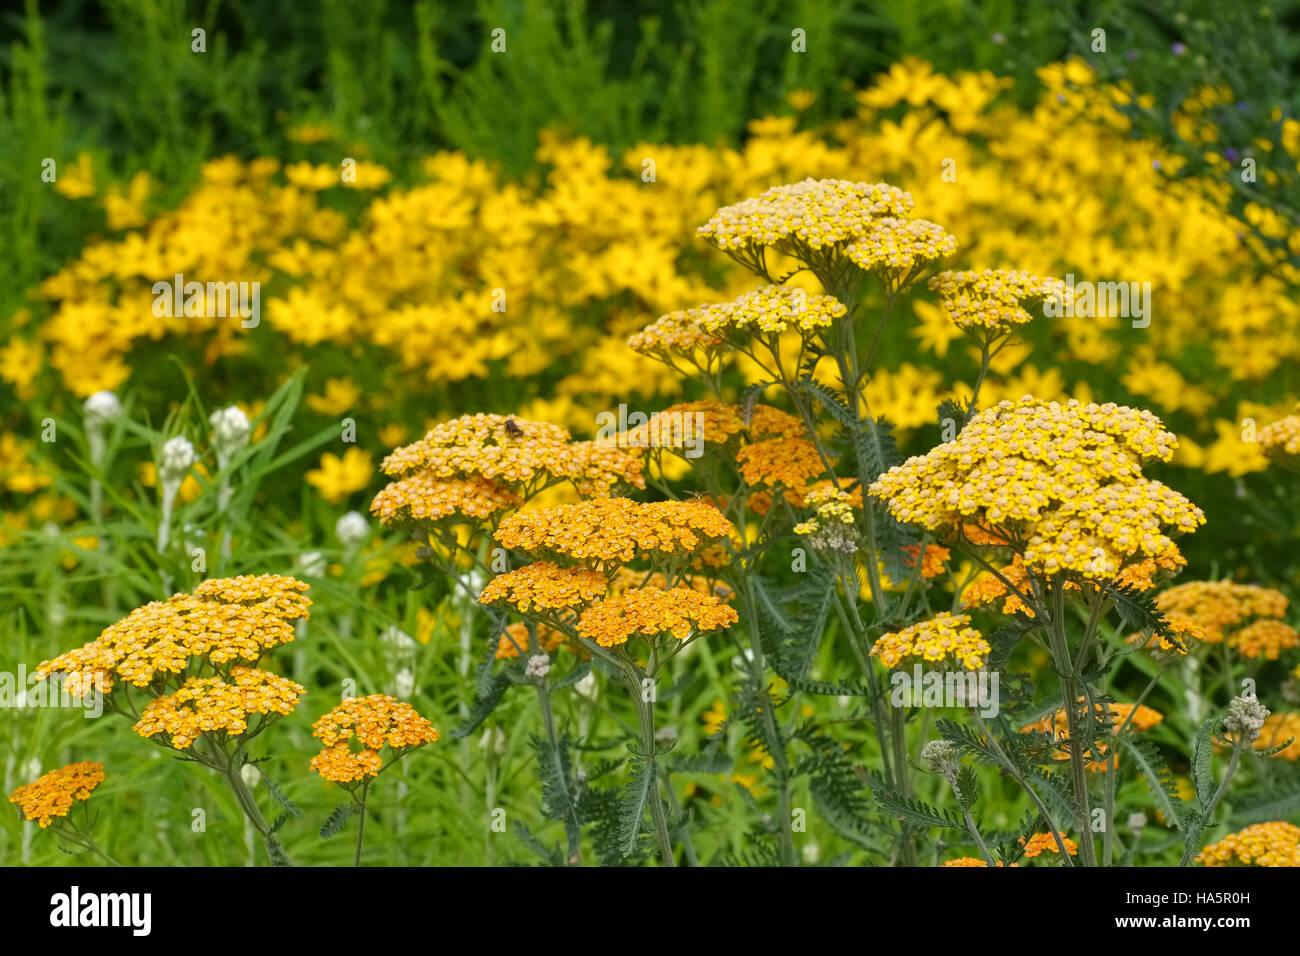 Garten-Schafgarbe in gelb der Sorte Terracotta - yellow Fernleaf Yarrow in garden, species Terracotta Stock Photo